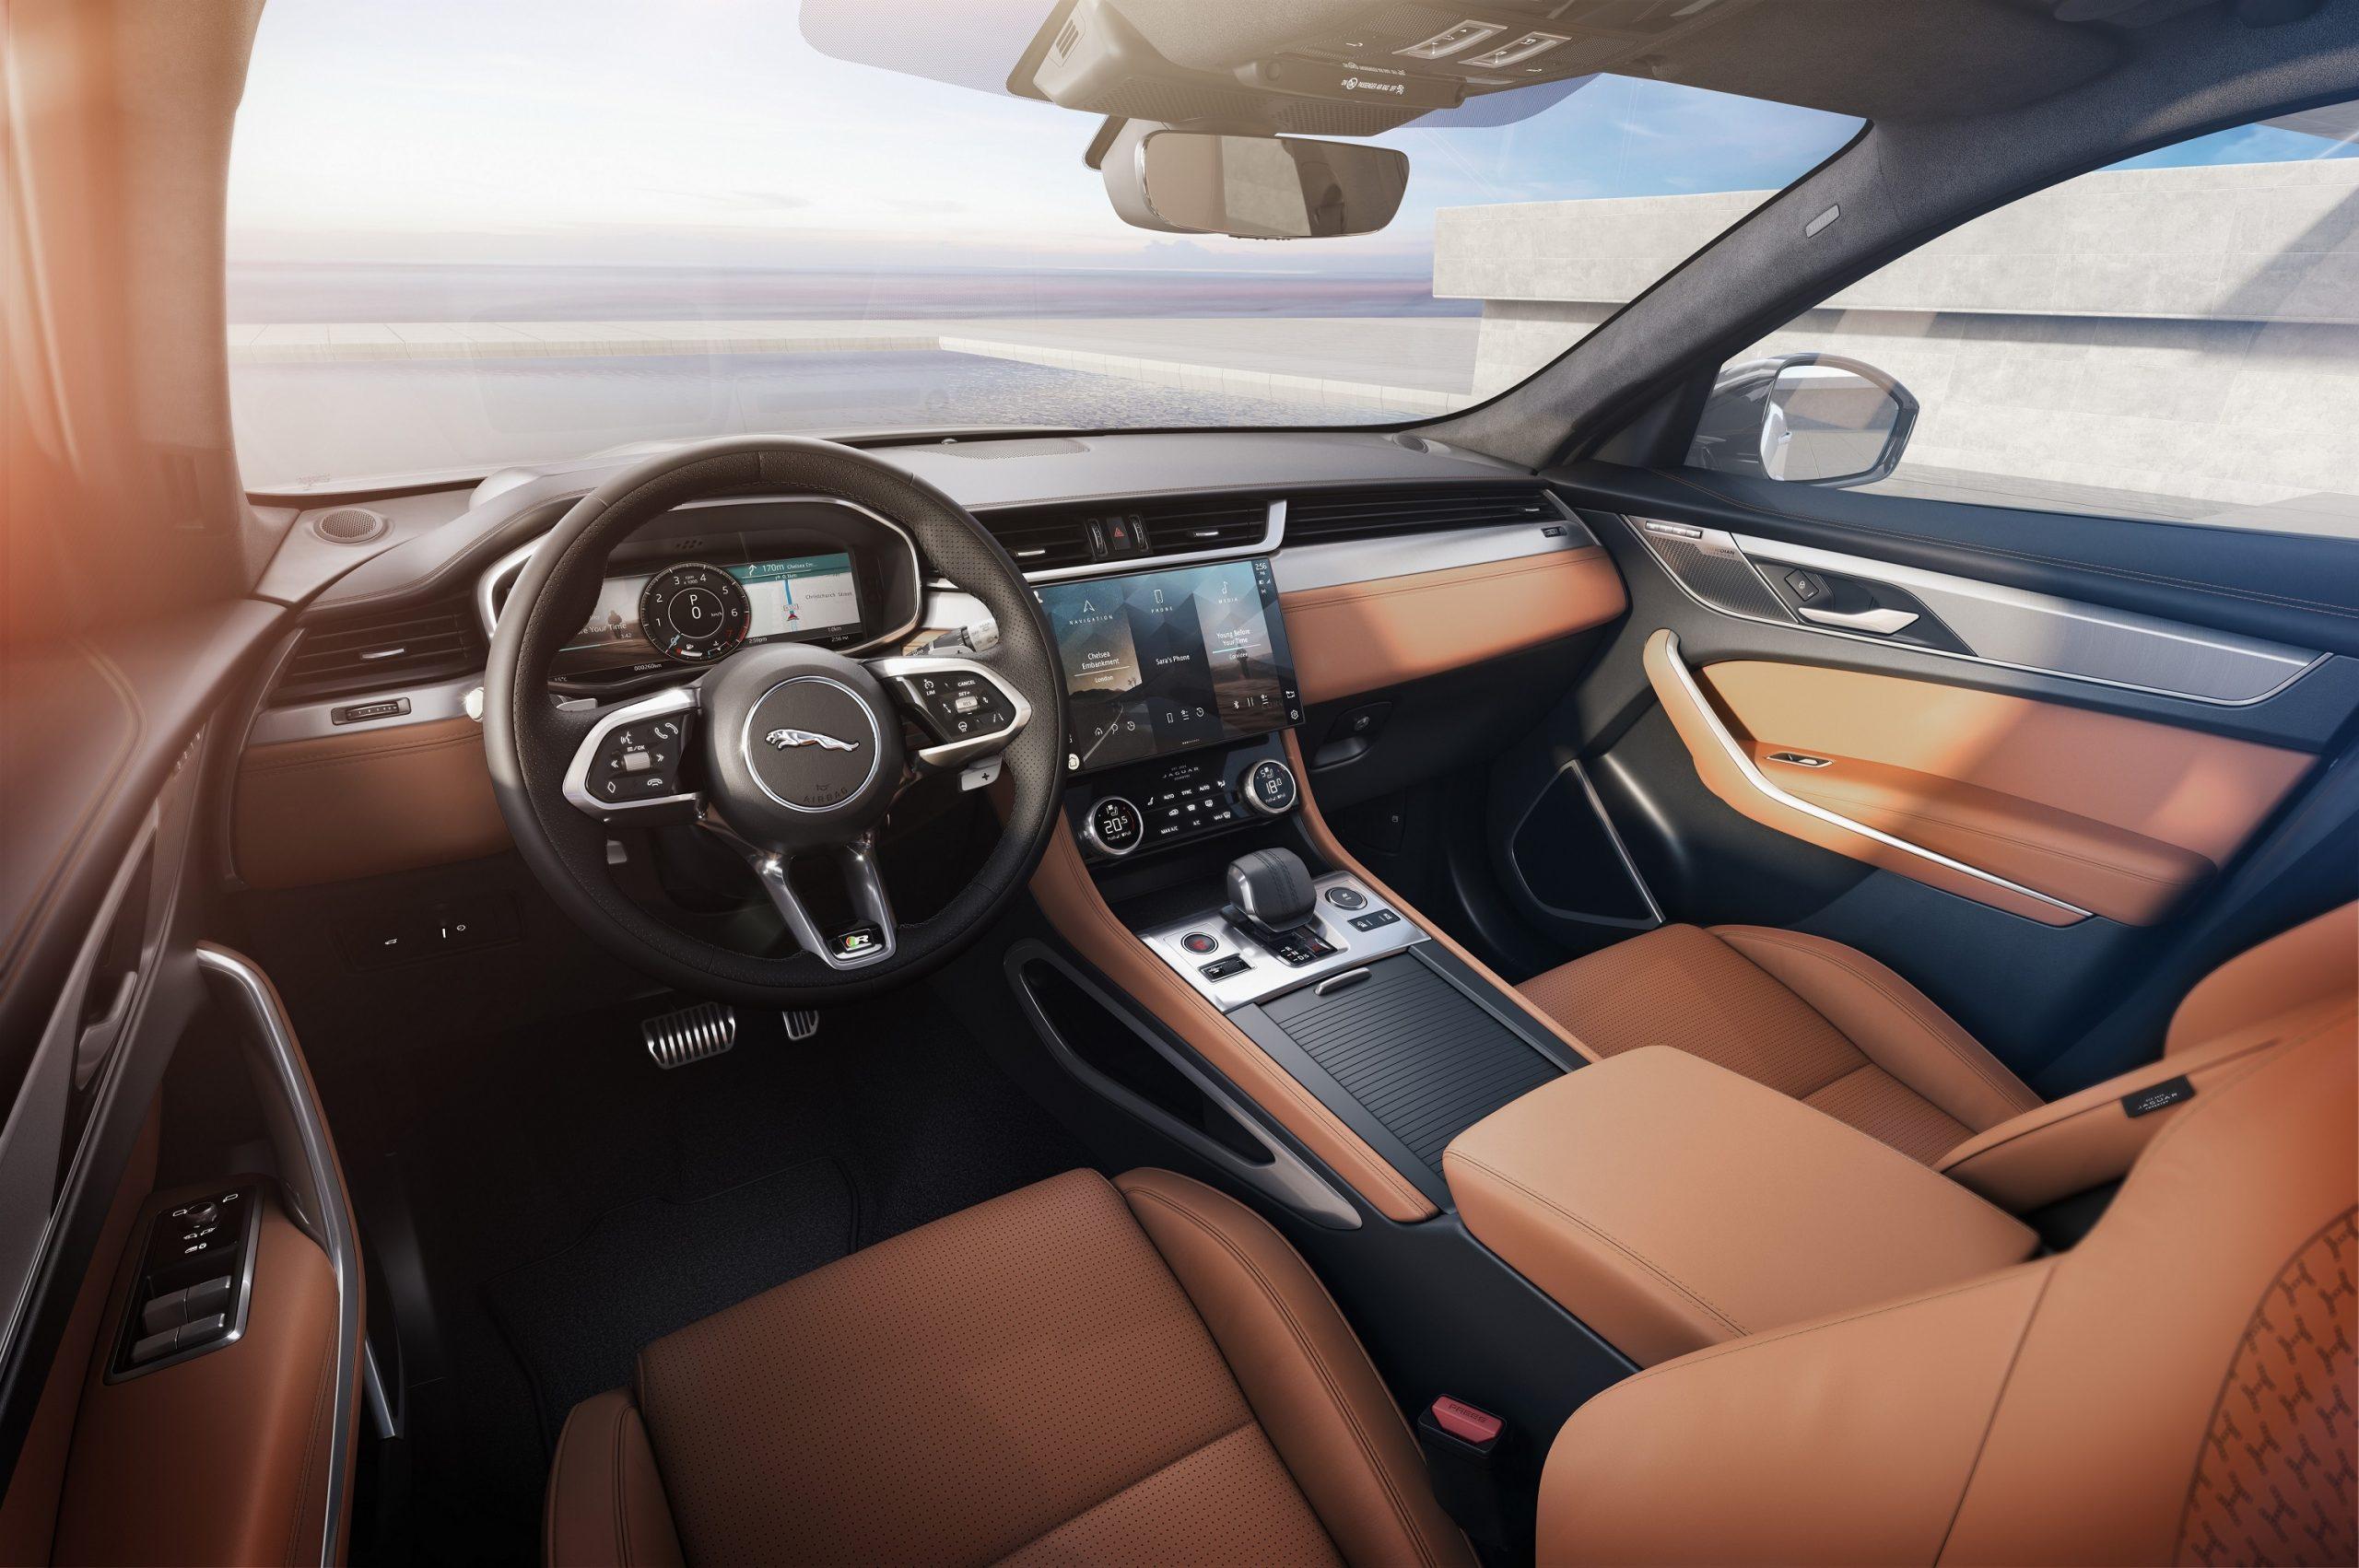 Auto Stahl der neue Jaguar F-Pace Innenansicht